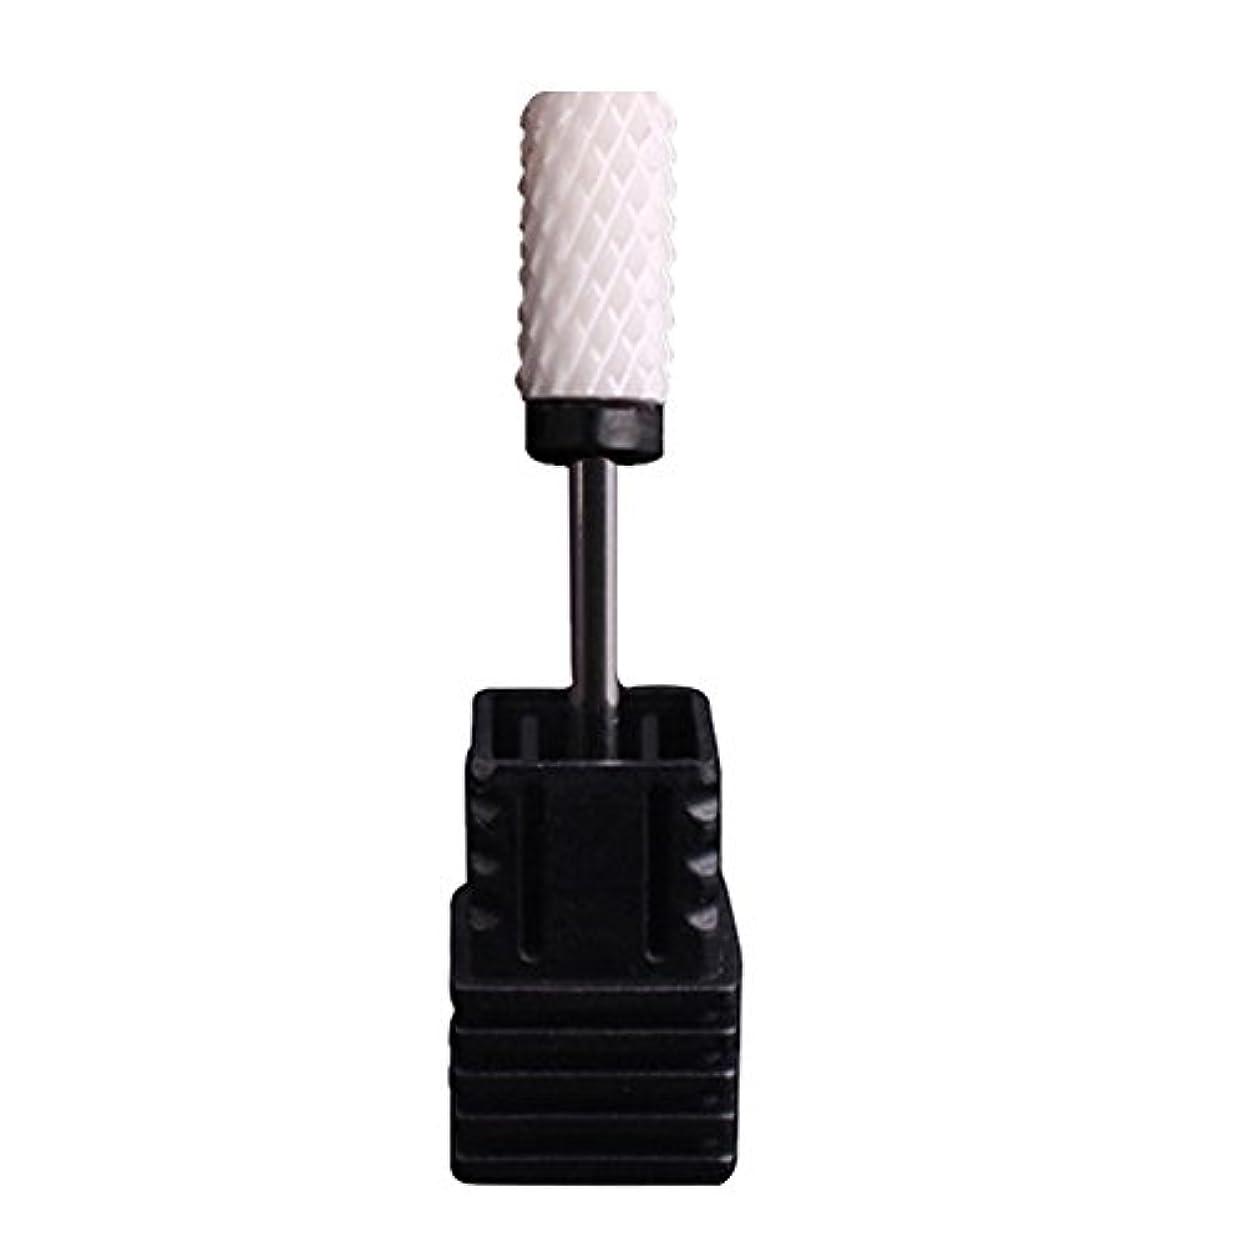 疲労流産ストレスTerGOOSE 陶磁器ドリルビット ネイルマシンビット 研削ネイル ネイルドリルビット ネイルマシーン用ビット 爪ドリルビット 交換用品 耐摩耗性 耐腐食性 高硬度 硬質セラミックドリルビット(XC)